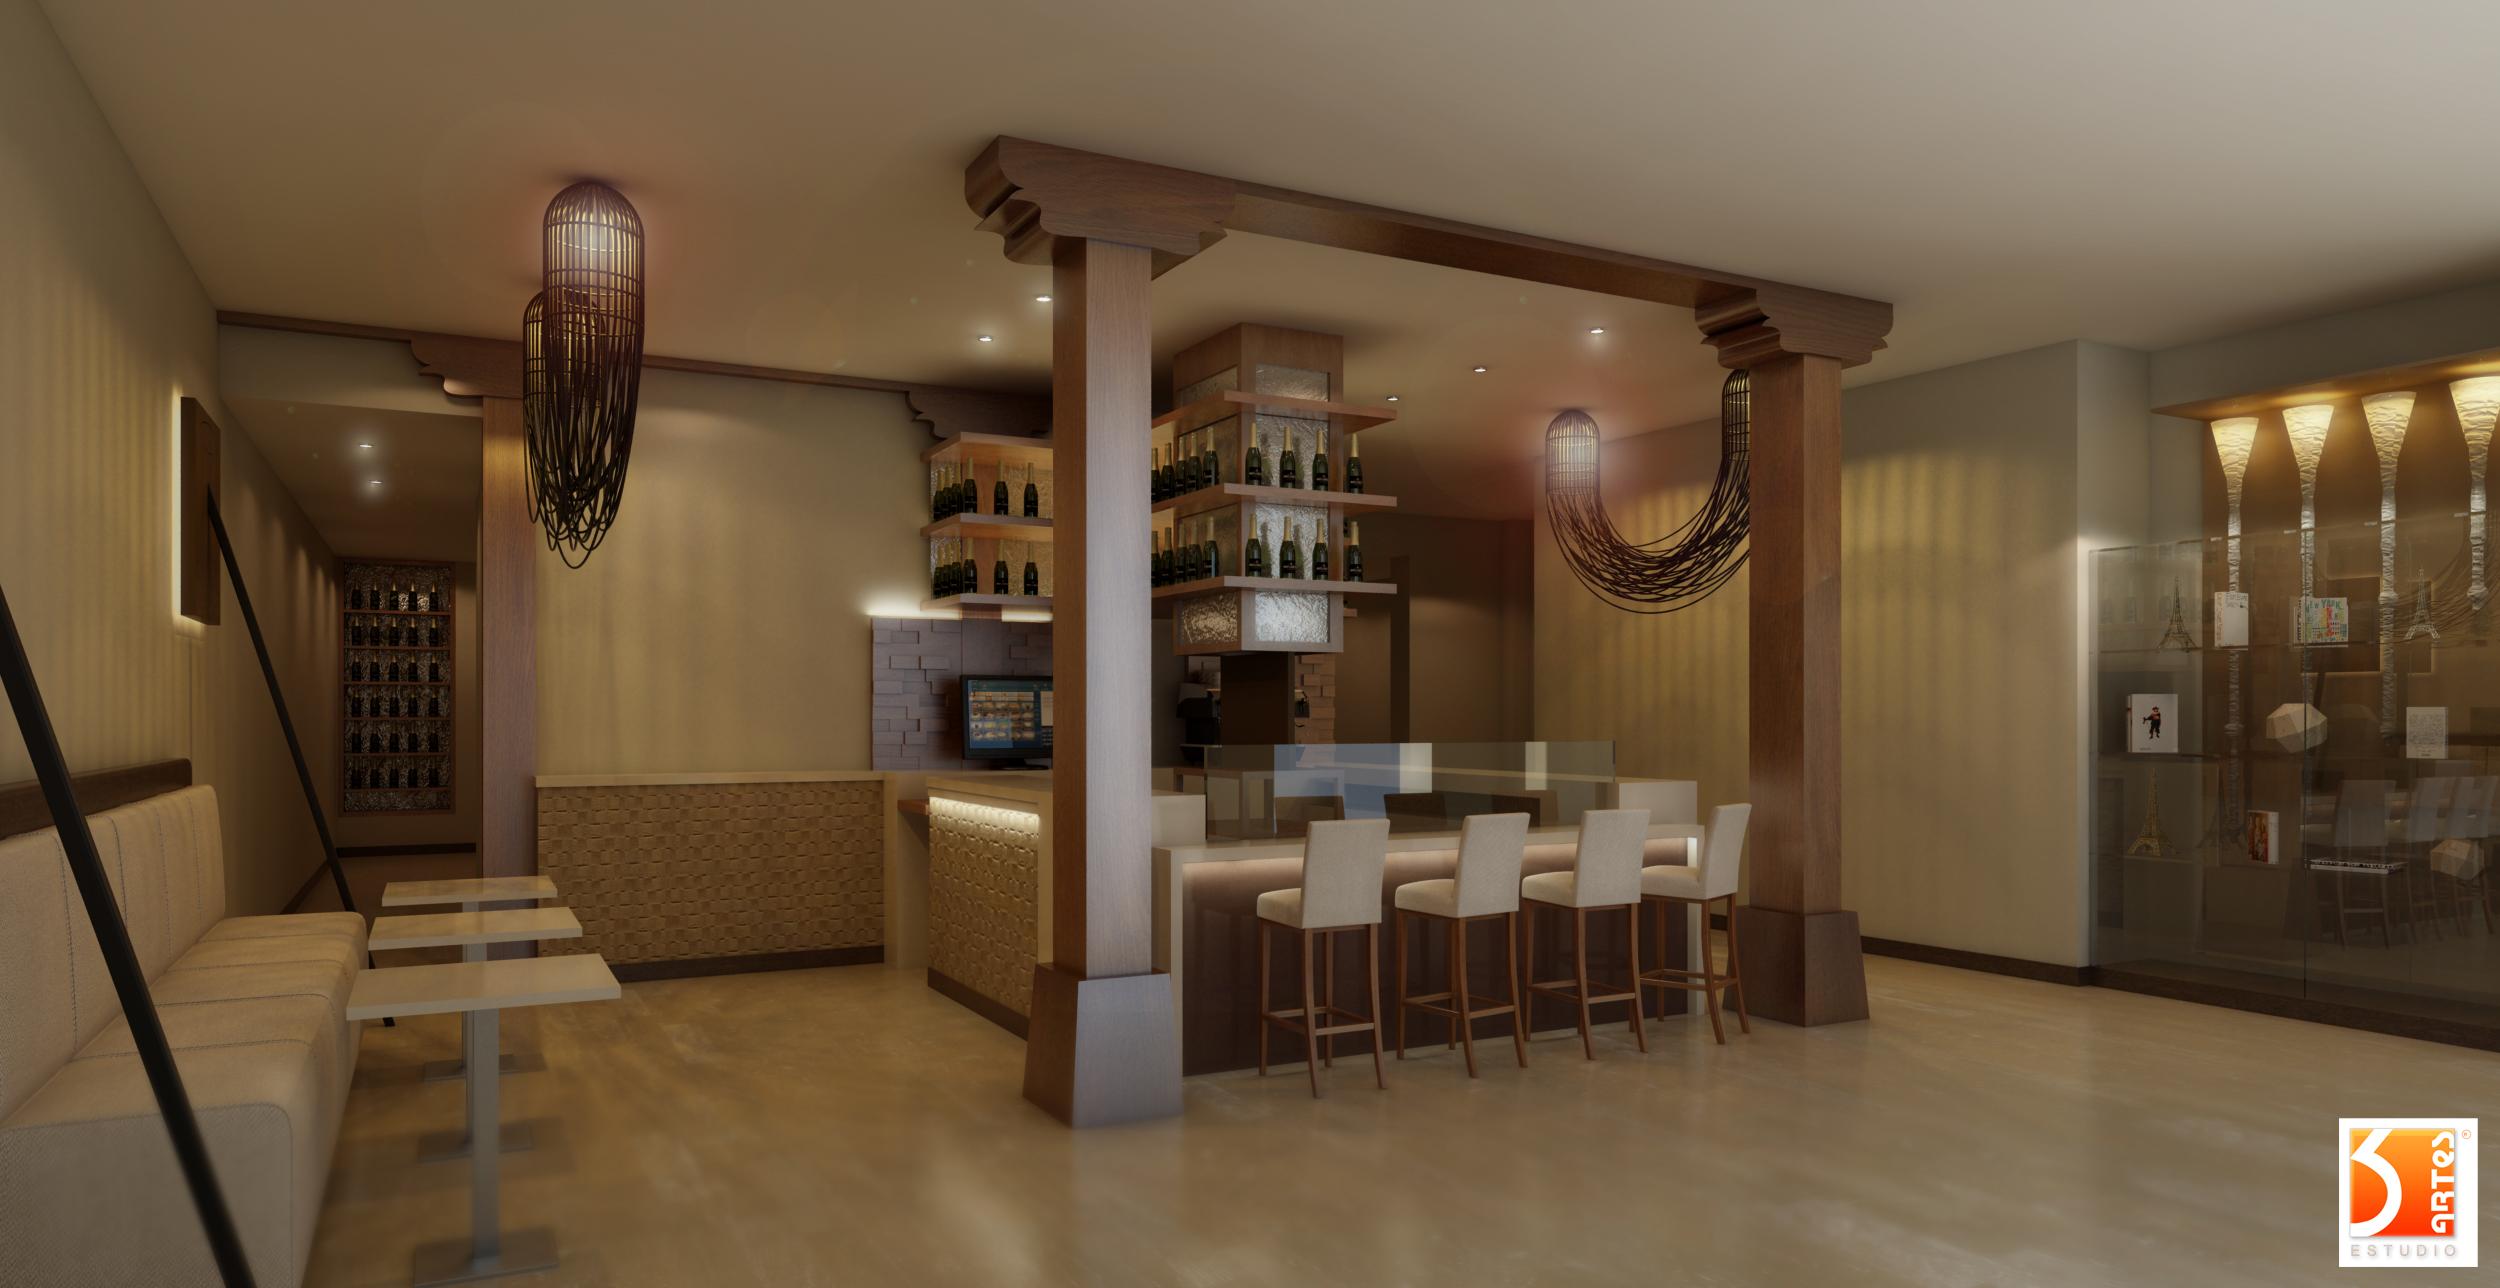 3D Restaurante Bistronomique